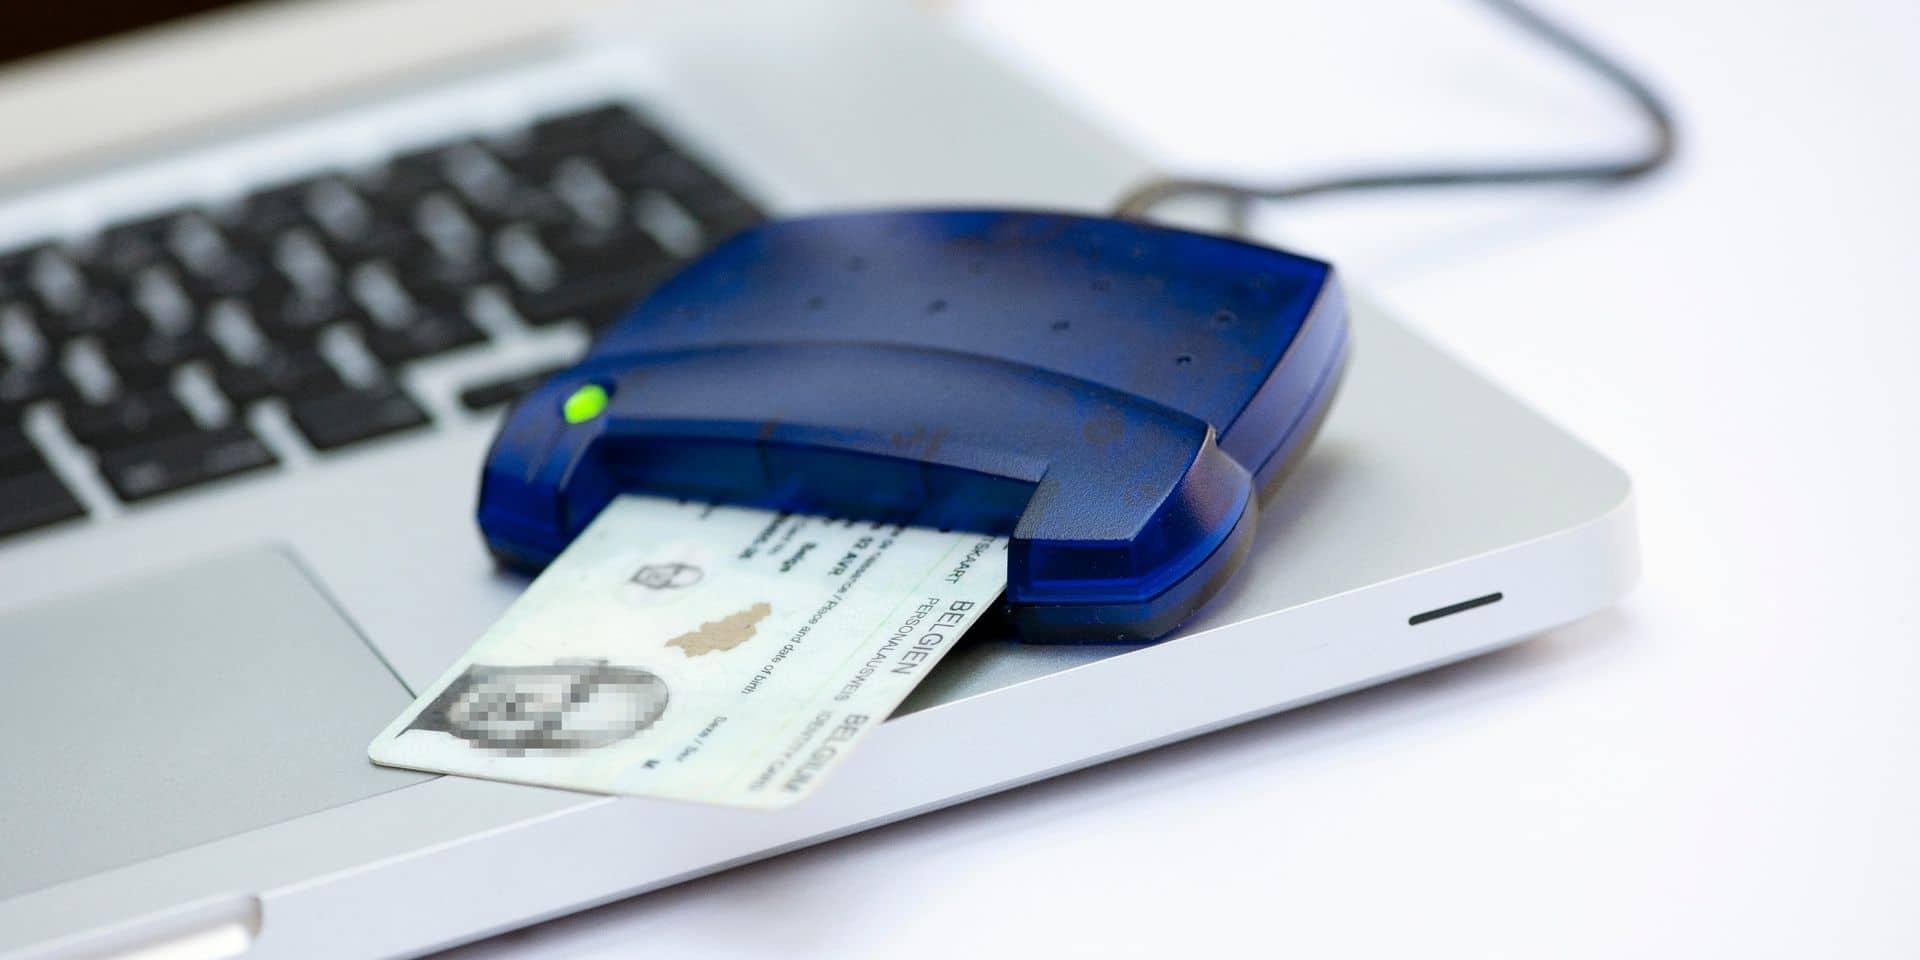 Collecter des données avec l'eID n'est pas illégal mais il faut une alternative pour l'Horeca